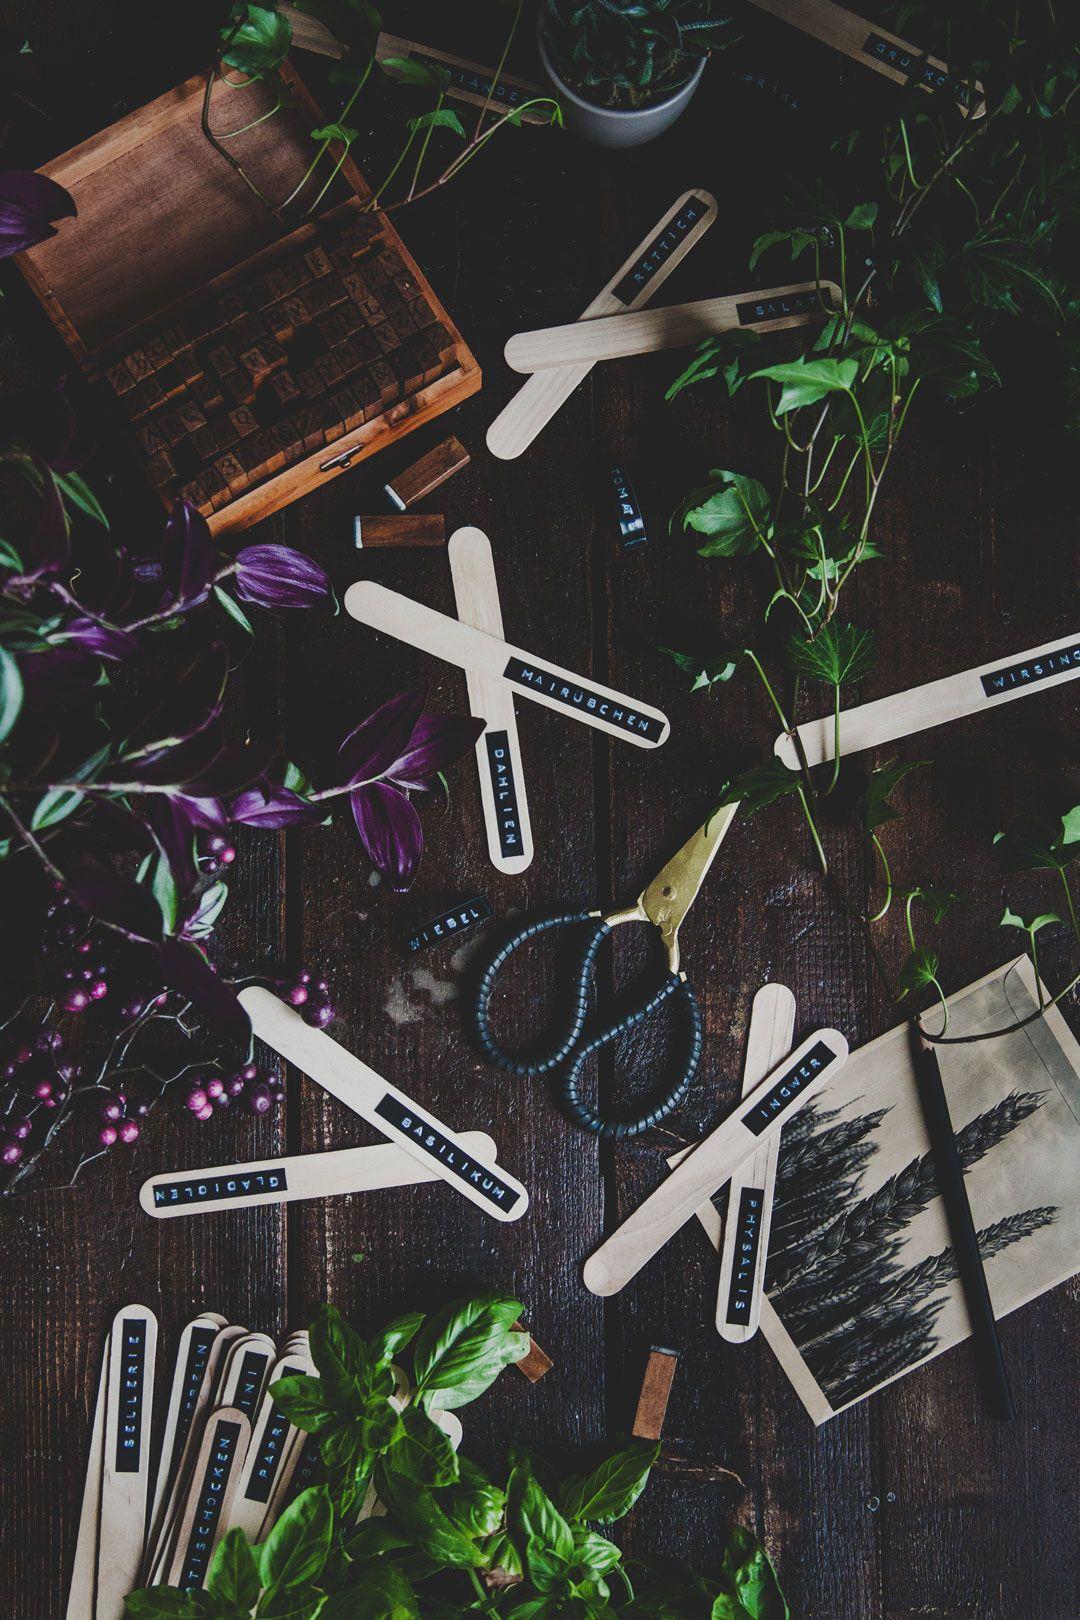 DIY, Pflanzenschilder, Garten, Pflanzen, Beschriftung, Aussaat, Nachhaltig,  Oekologisch,